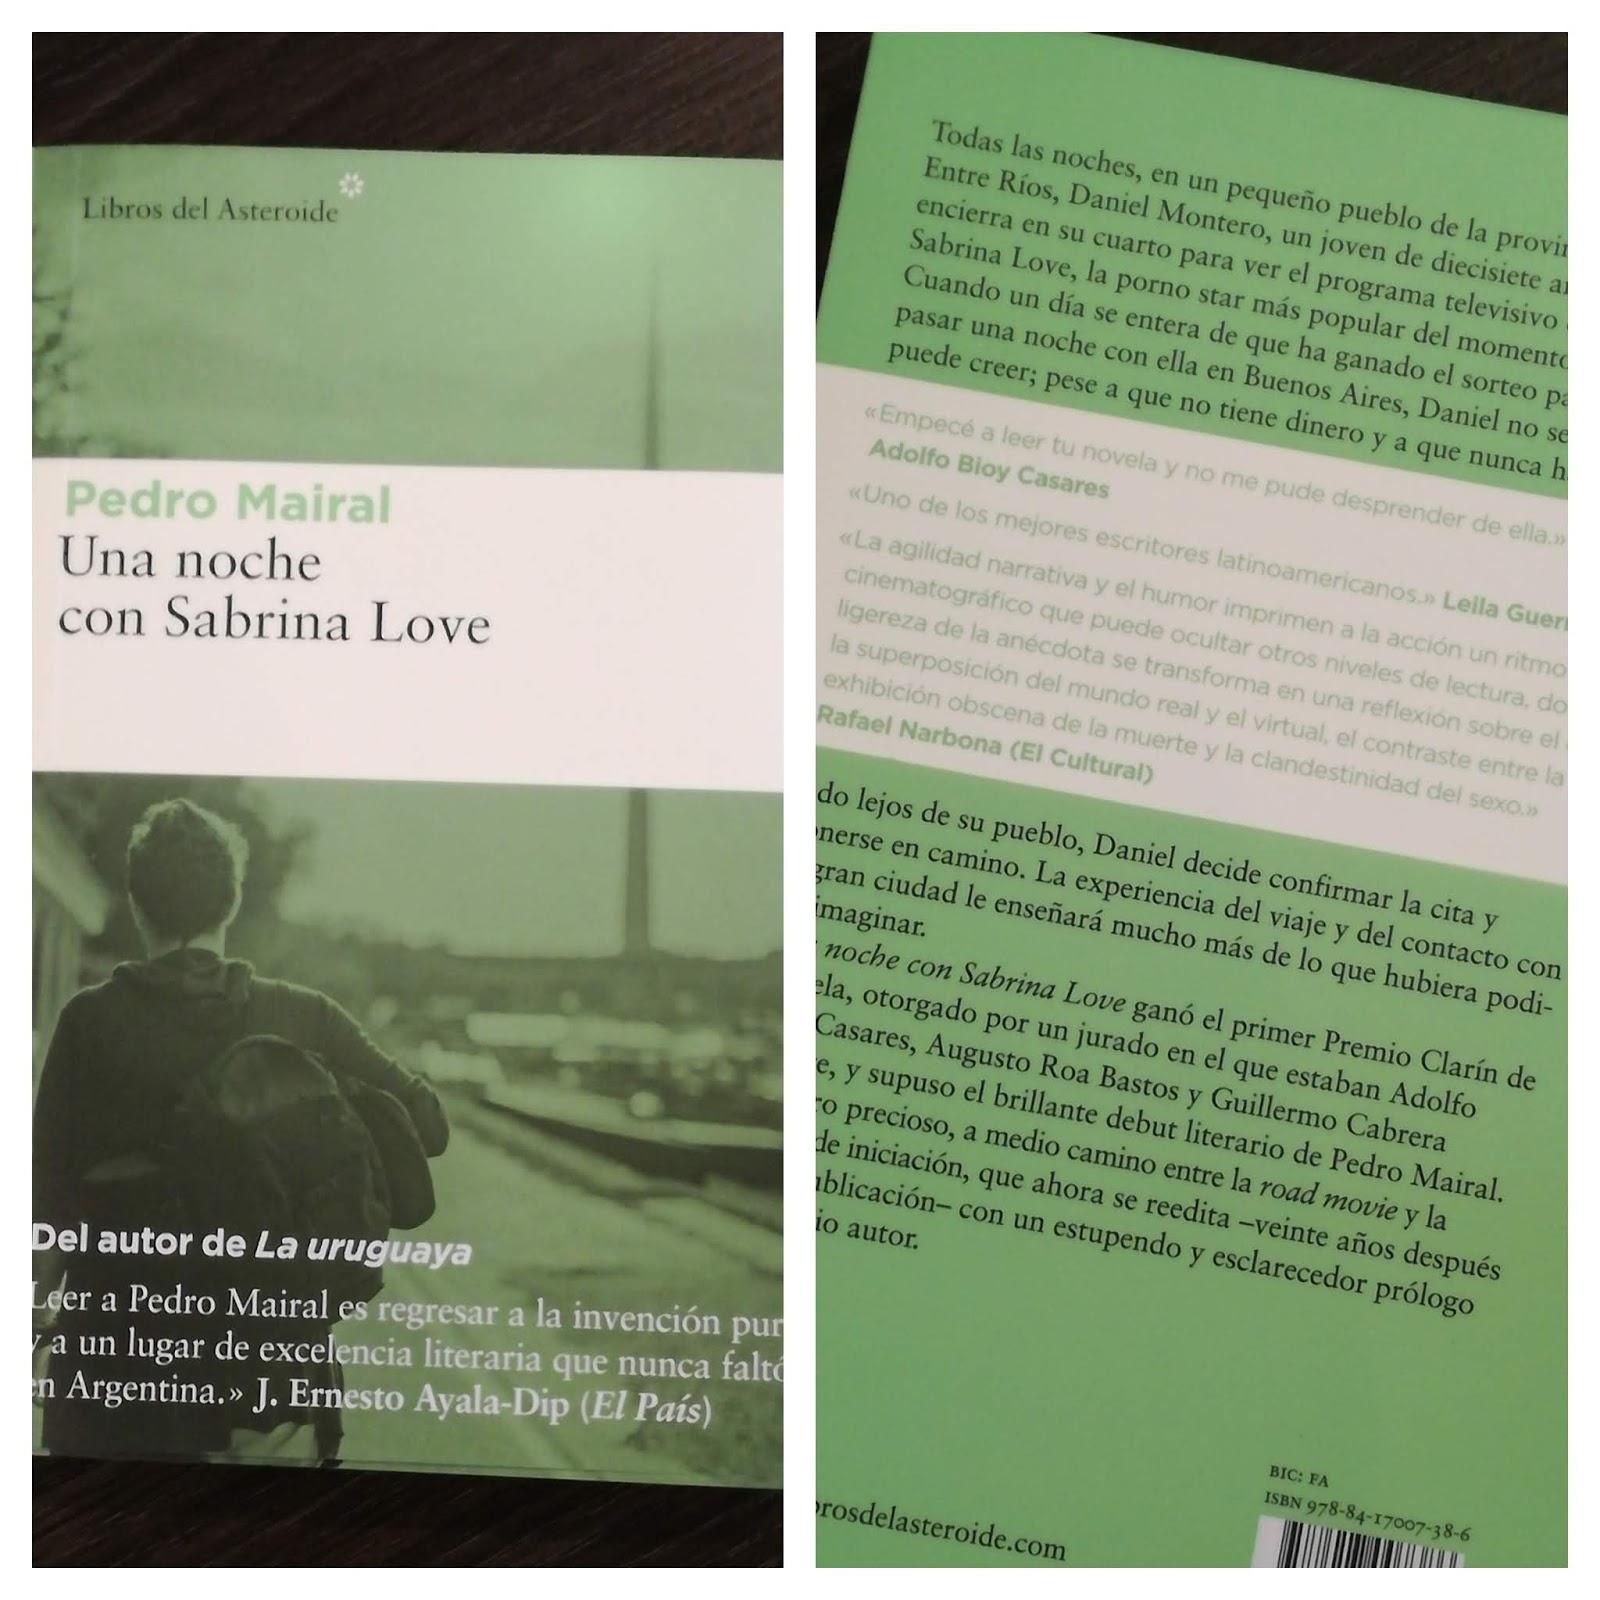 Donostia Book Club: Comparando cajas literarias españolas